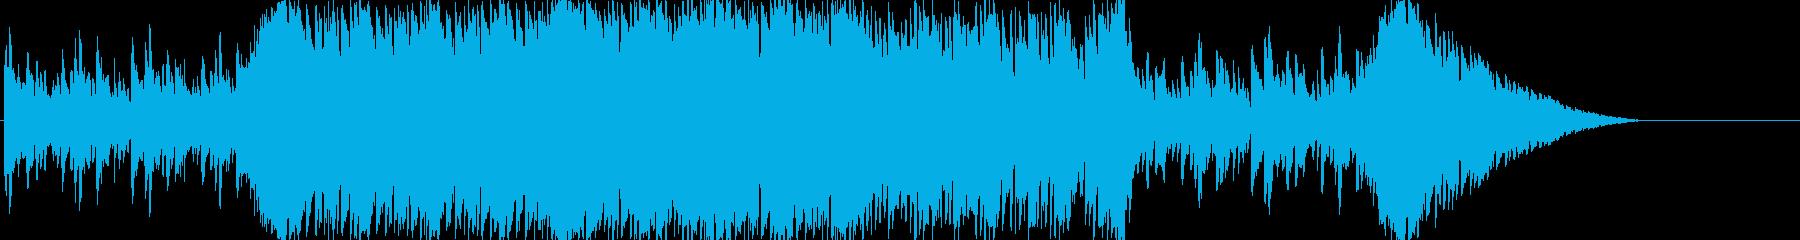 優しく爽やかなテクノ系イージーリスニングの再生済みの波形